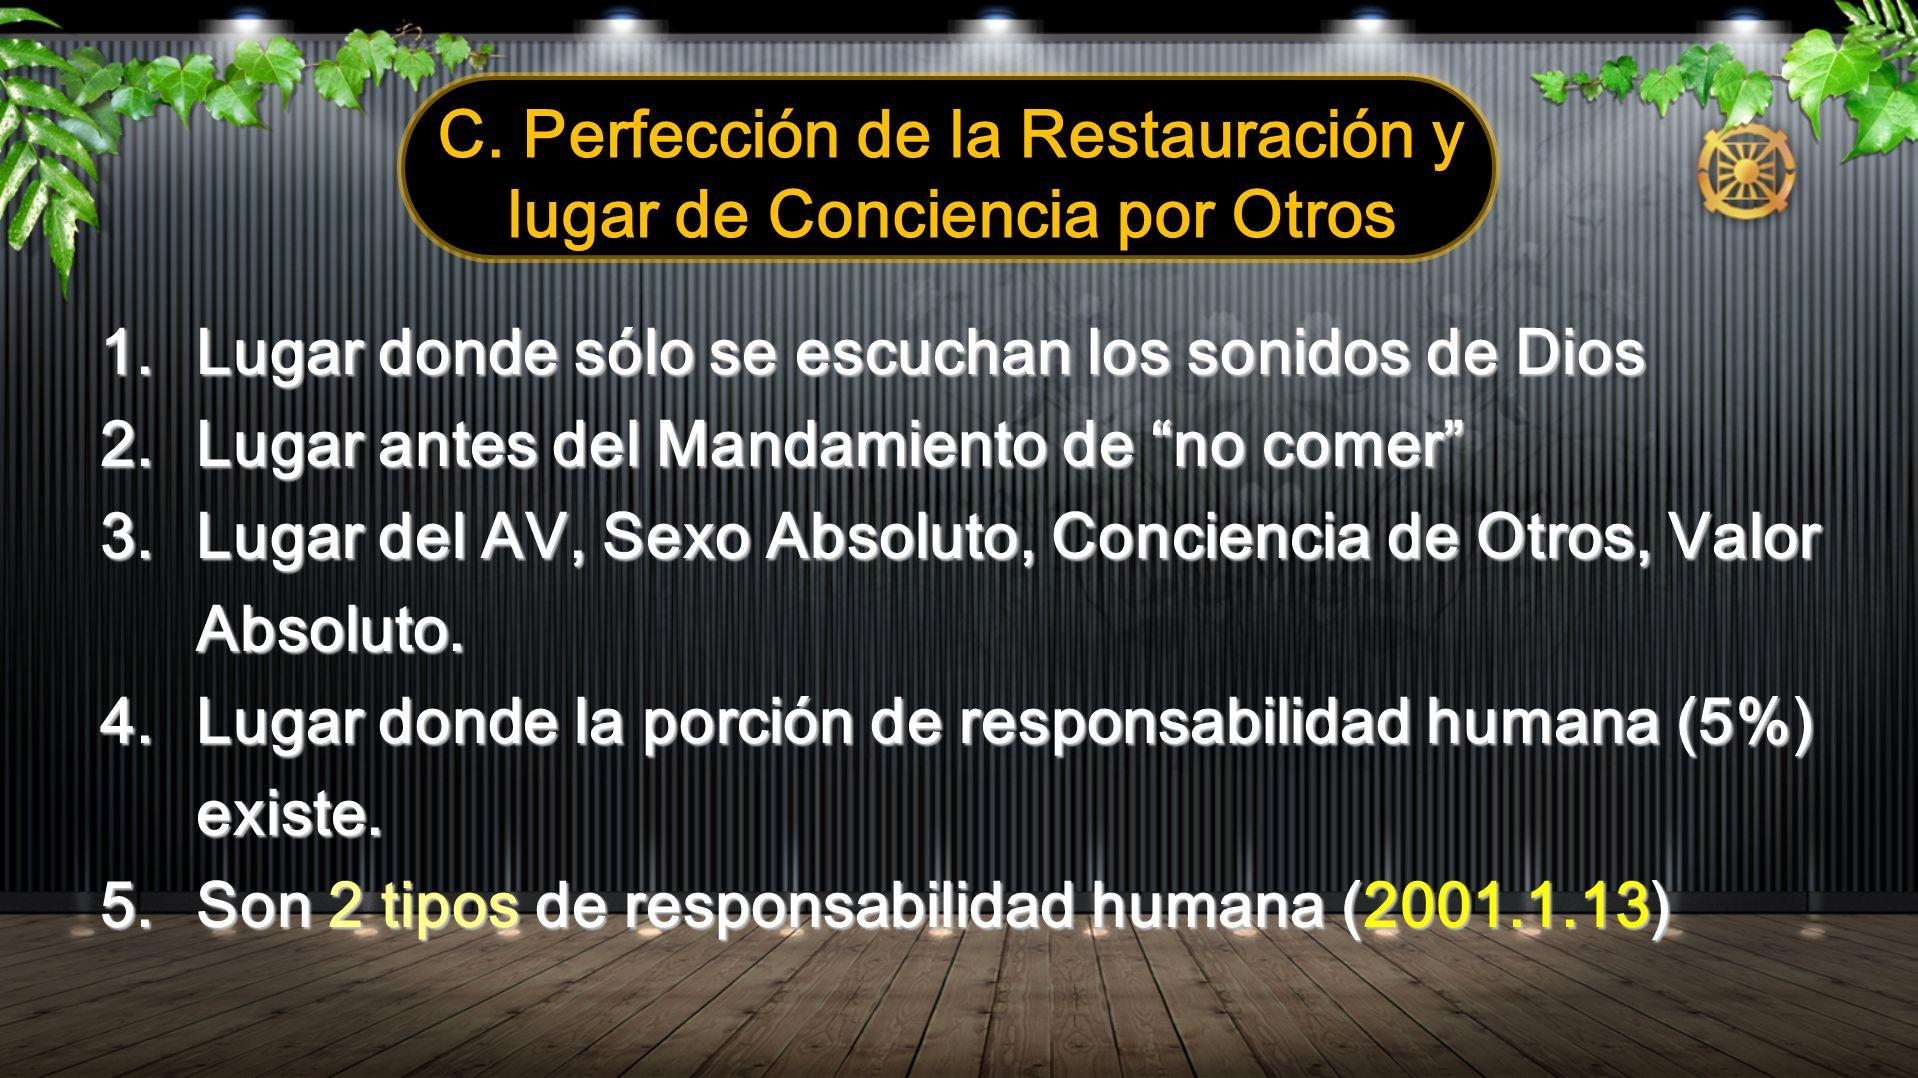 C. Perfección de la Restauración y lugar de Conciencia por Otros 1.Lugar donde sólo se escuchan los sonidos de Dios 2.Lugar antes del Mandamiento de n